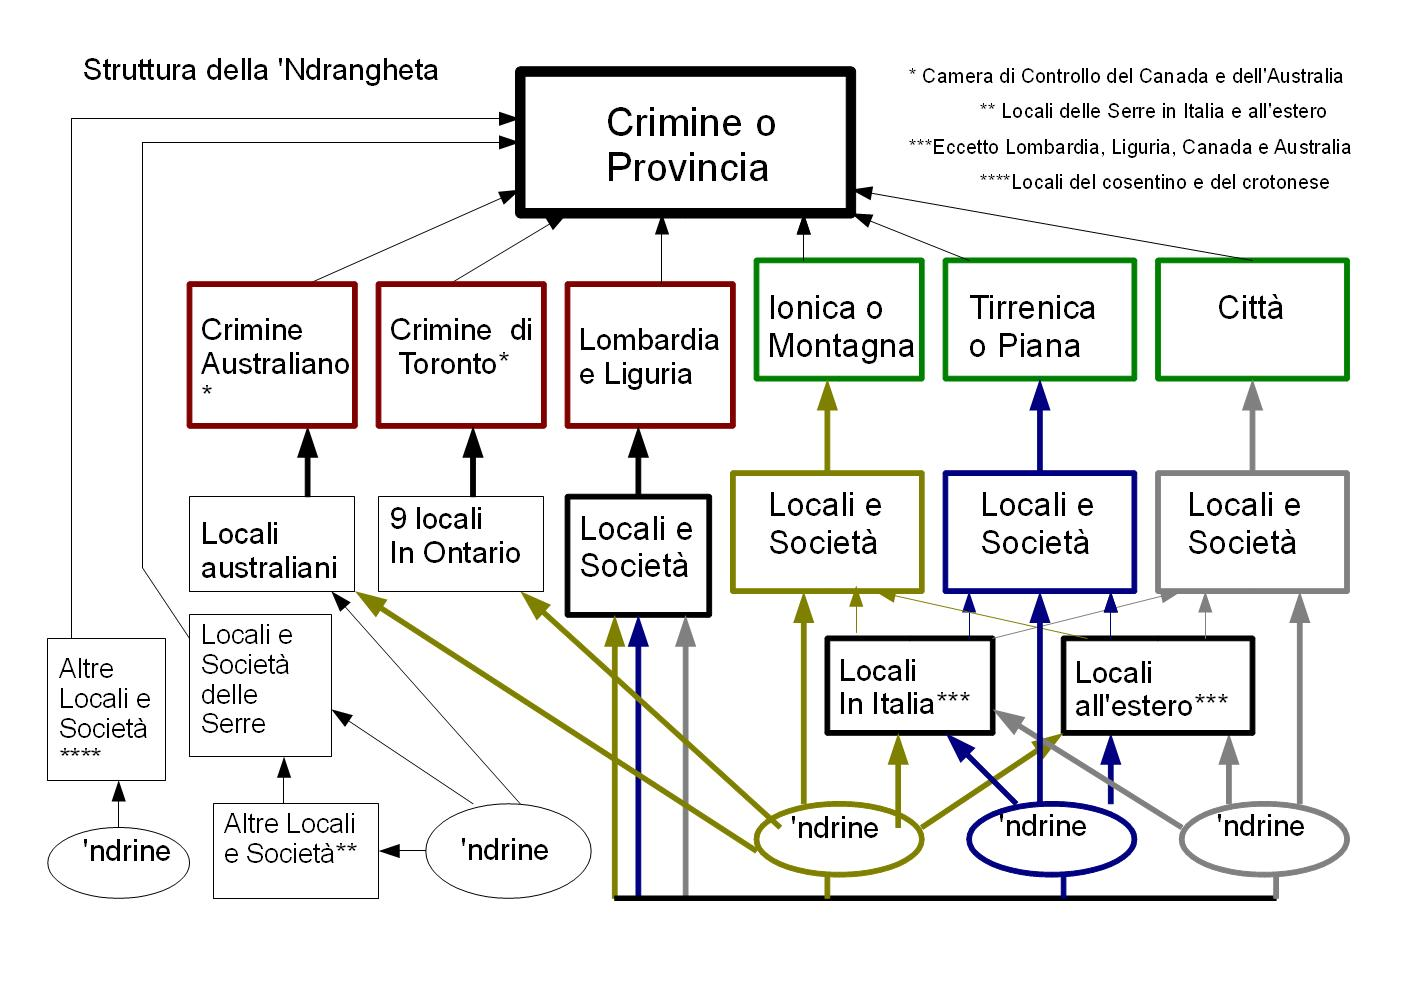 Description Struttura ndrangheta 2011.jpg